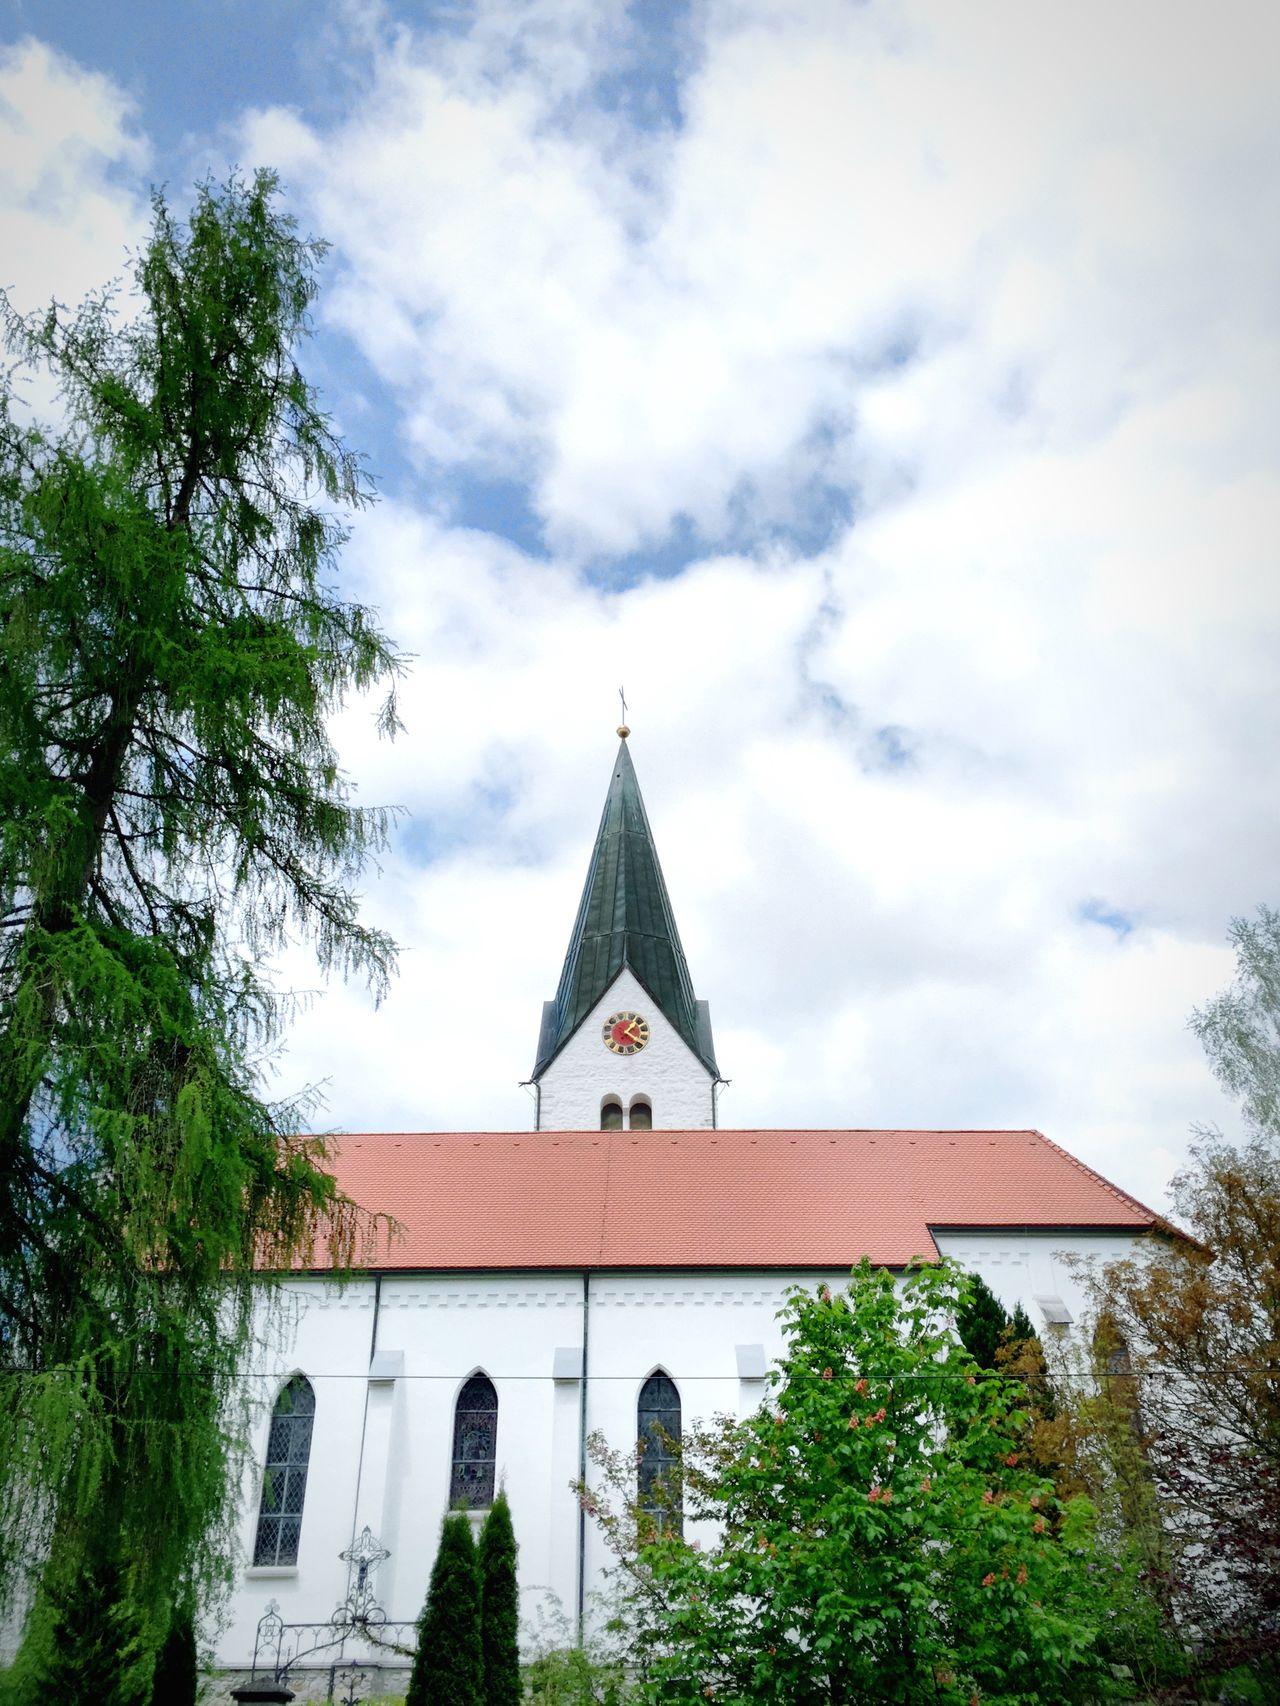 Kirche in Wengen Allgäu Church